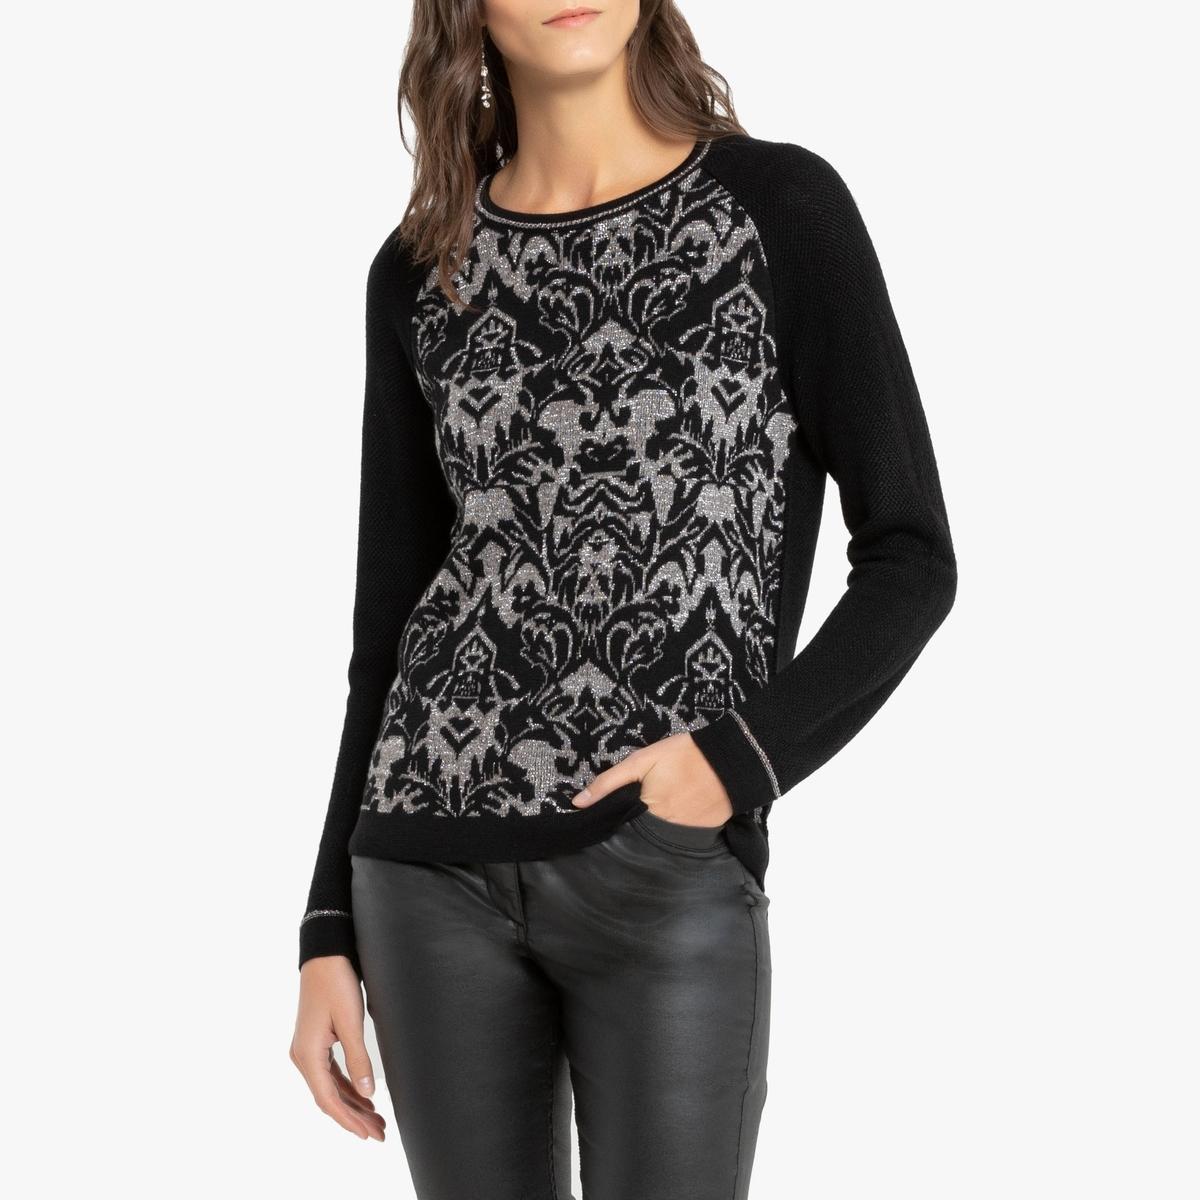 Пуловер La Redoute С круглым вырезом из тонкого жаккардового трикотажа 42/44 (FR) - 48/50 (RUS) черный пуловер la redoute в форме пончо 42 44 fr 48 50 rus черный